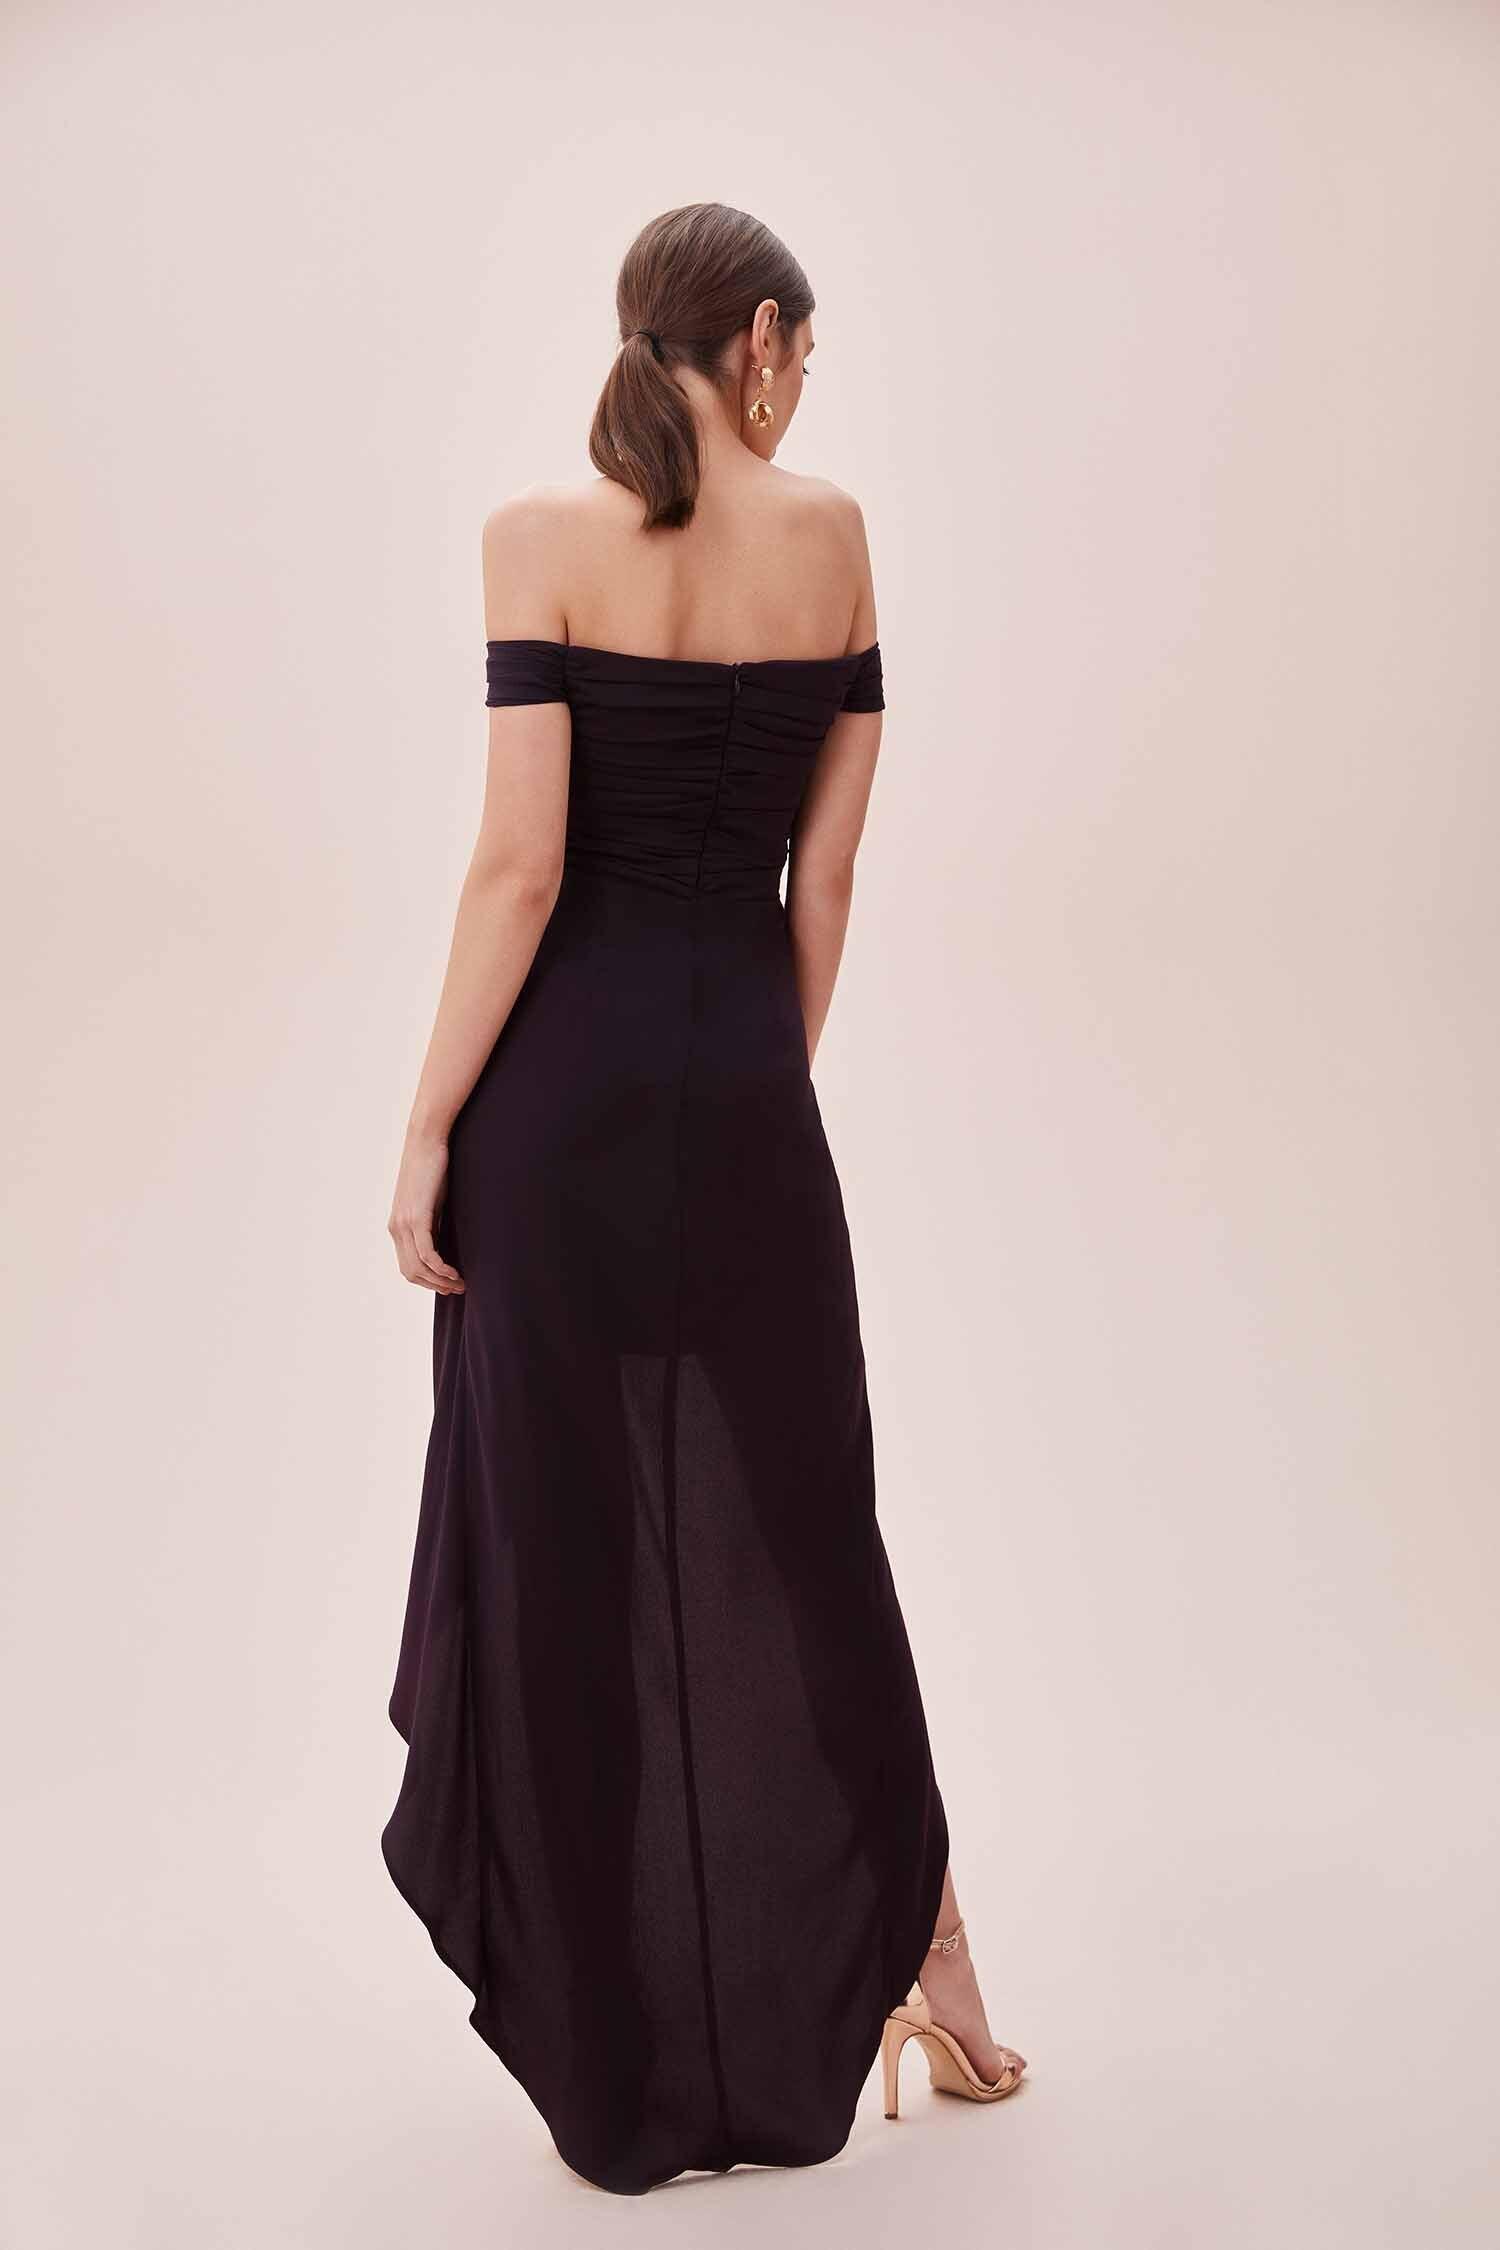 Mürdüm Rengi Düşük Omuzlu Yırtmaçlı Uzun Şifon Elbise - Thumbnail